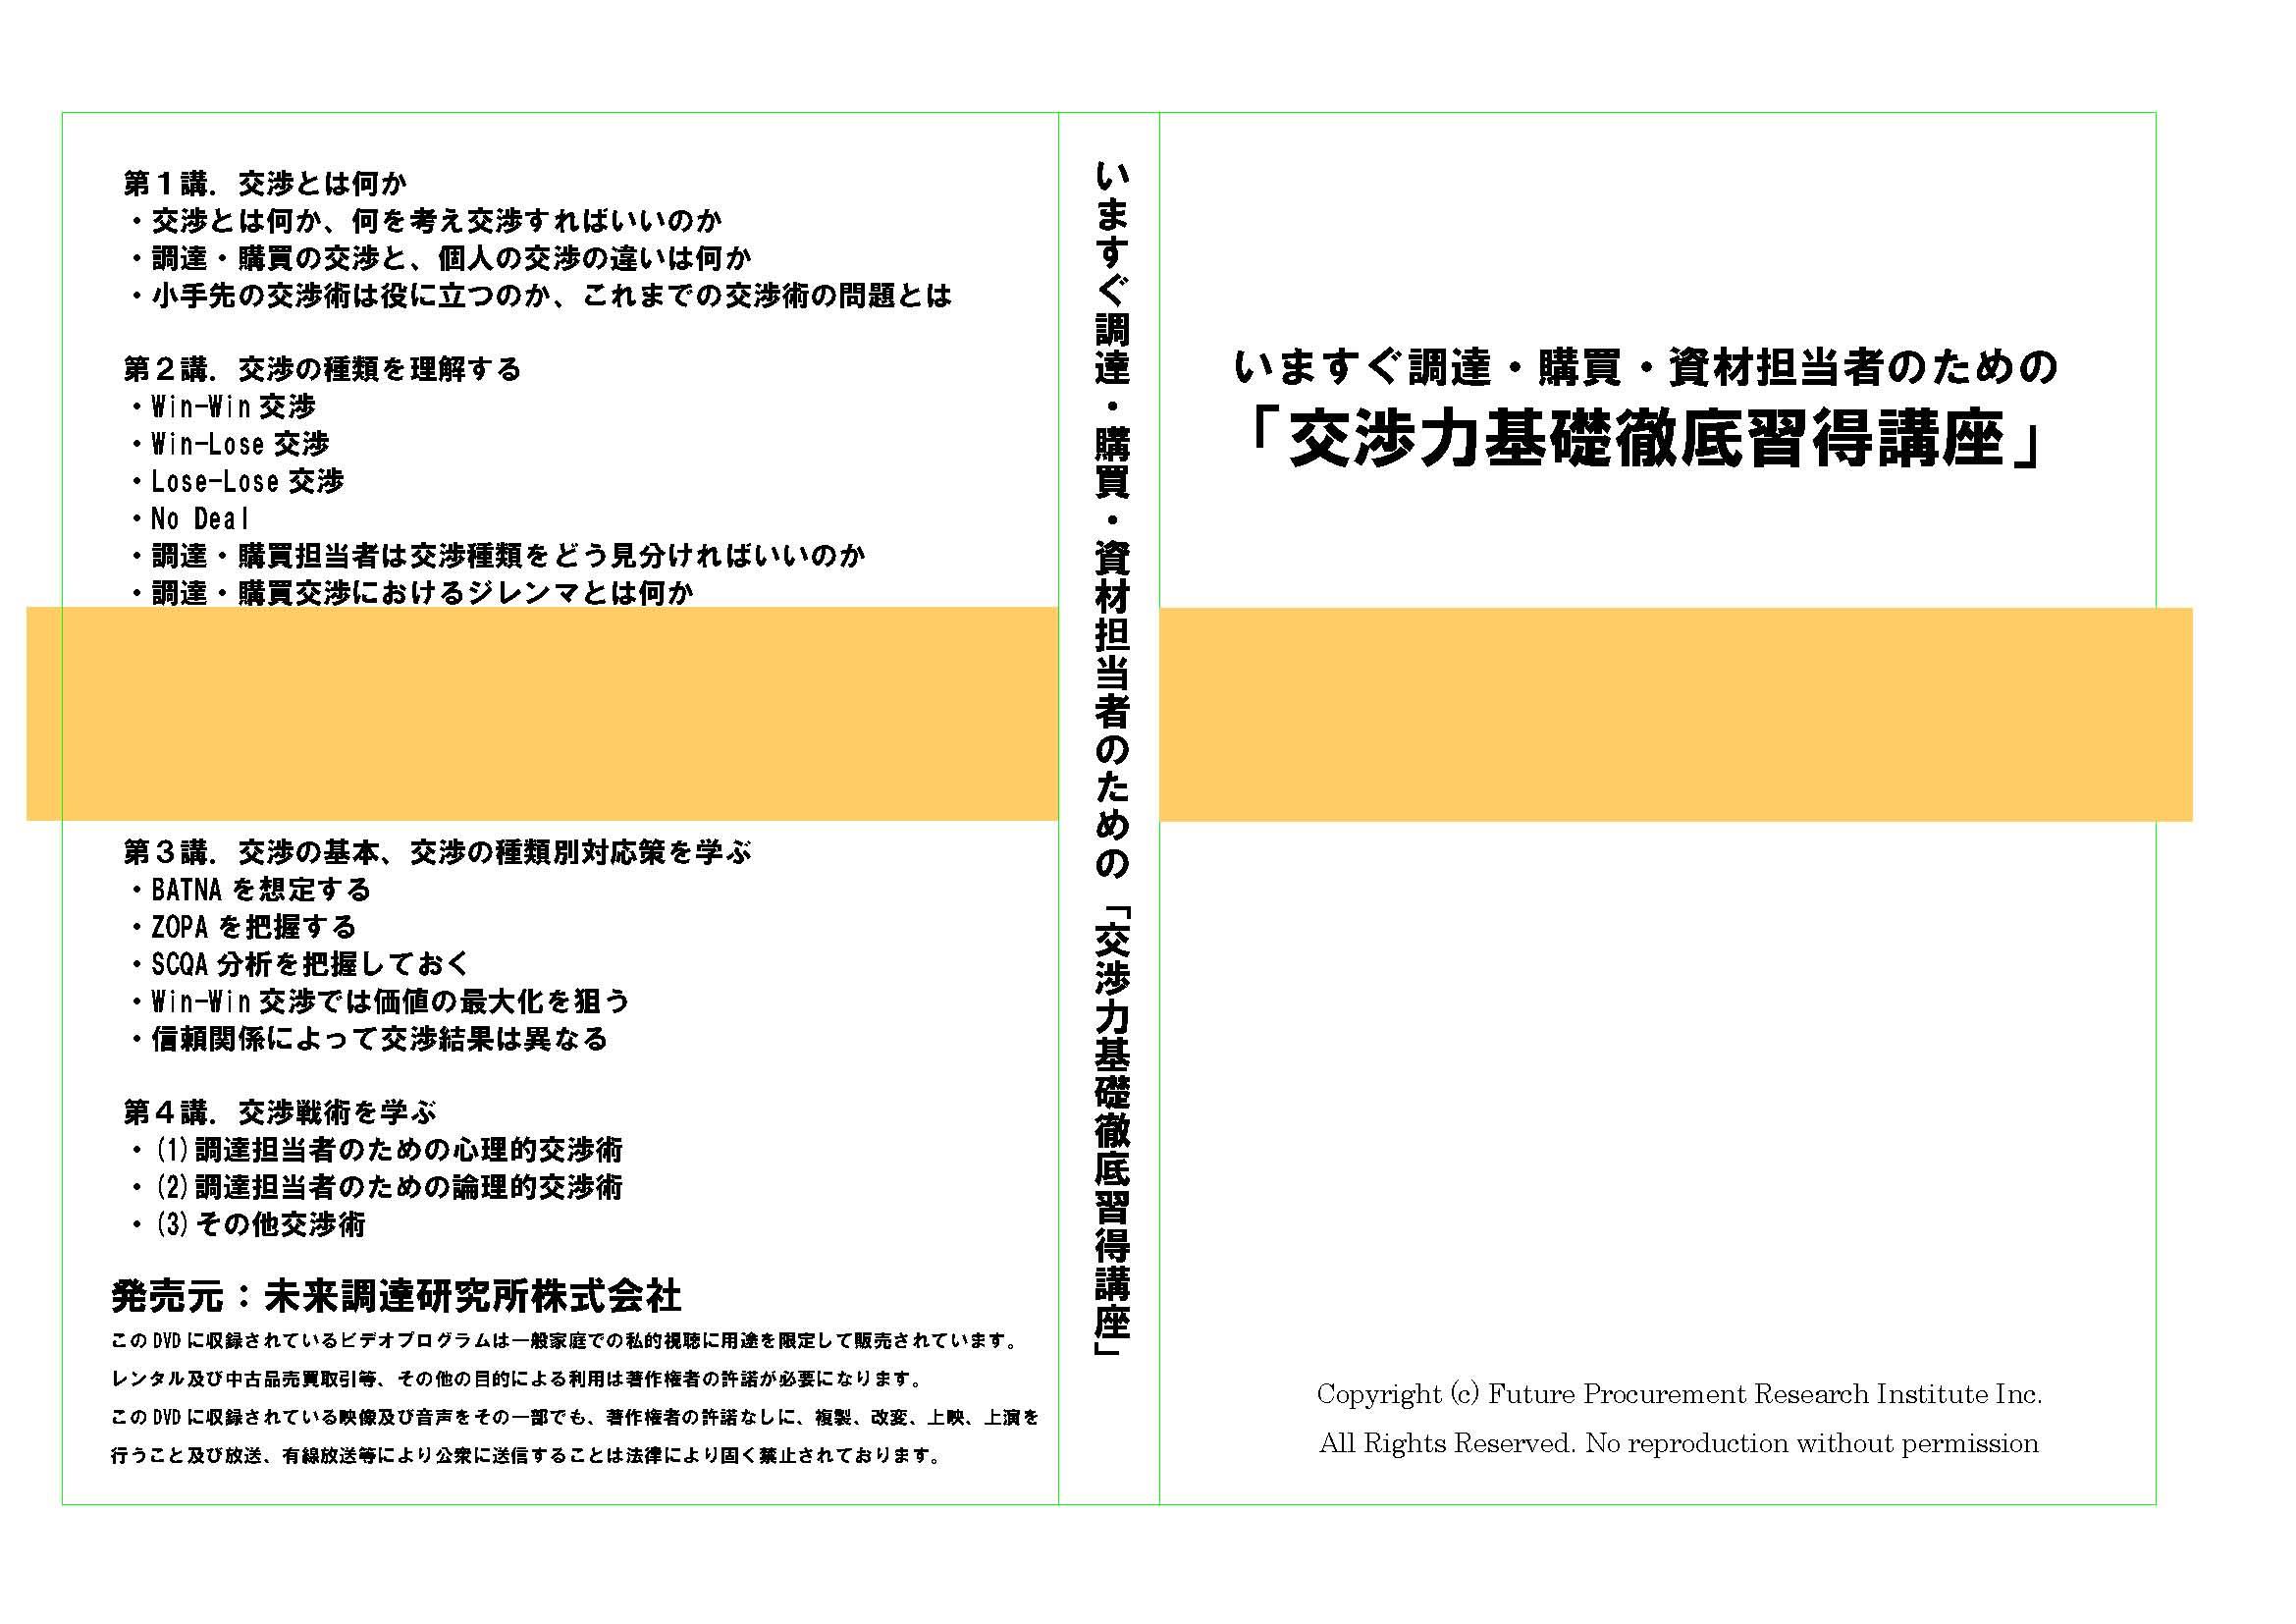 【DVDあるいはオンライン版】調達・購買担当者のための「交渉力基礎徹底習得講座」セミナー